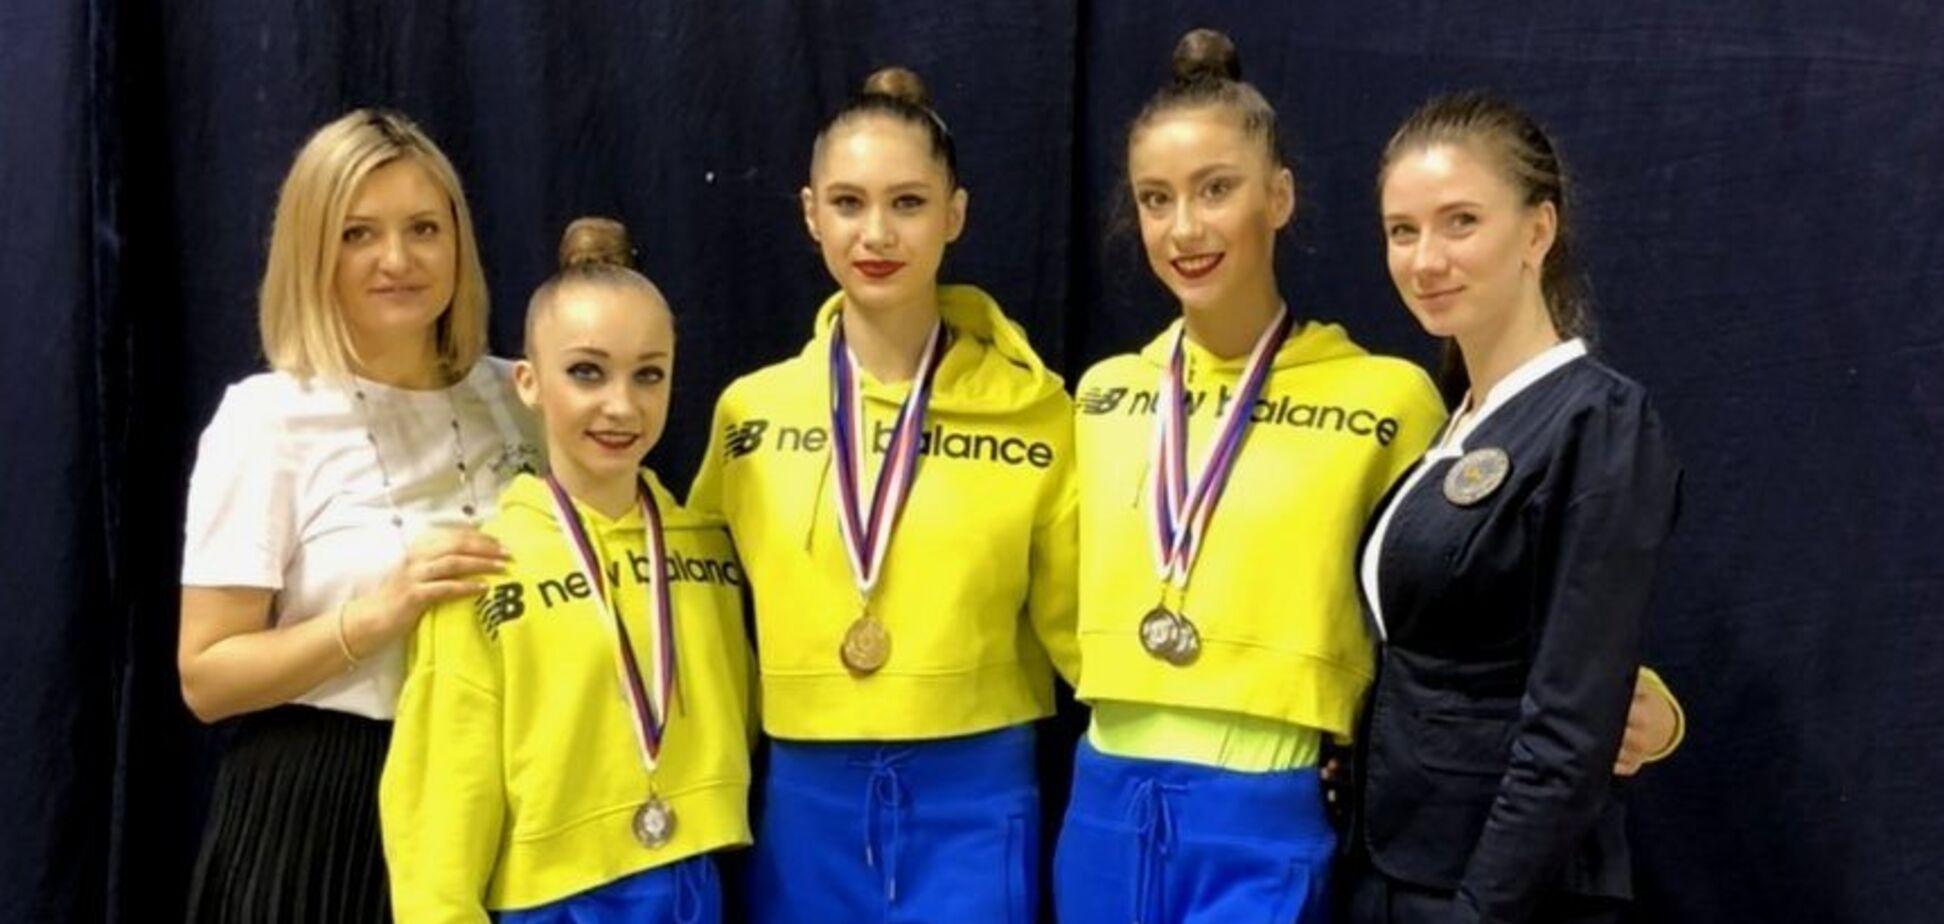 Украинские гимнастки феерически выступили на Гран-при в Чехии, завоевав 7 медалей: видео